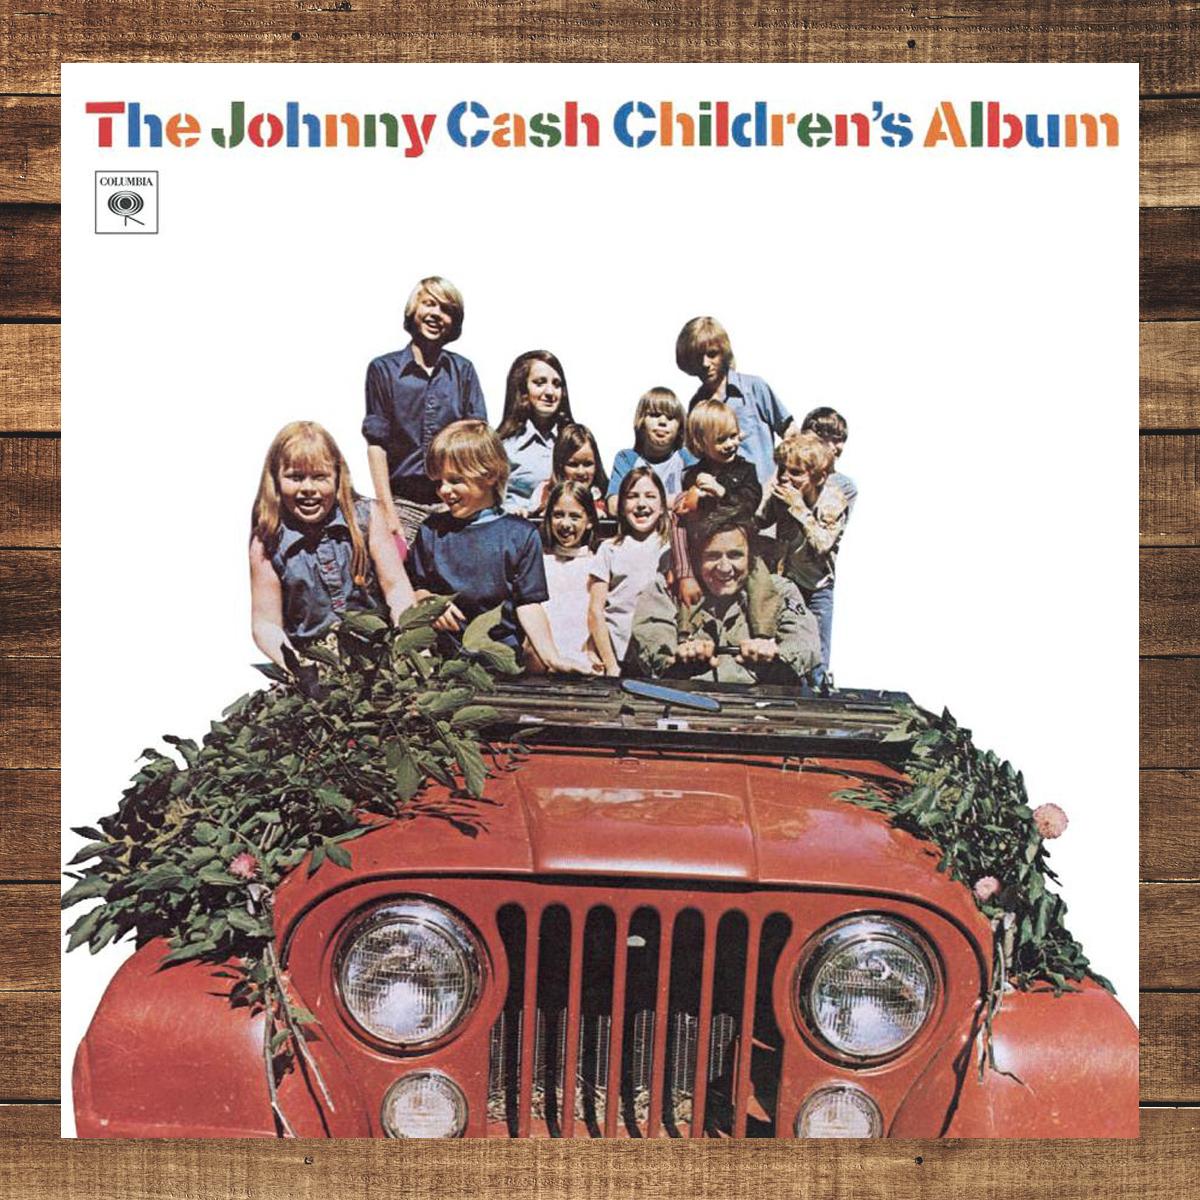 The Johnny Cash Children's Album CD